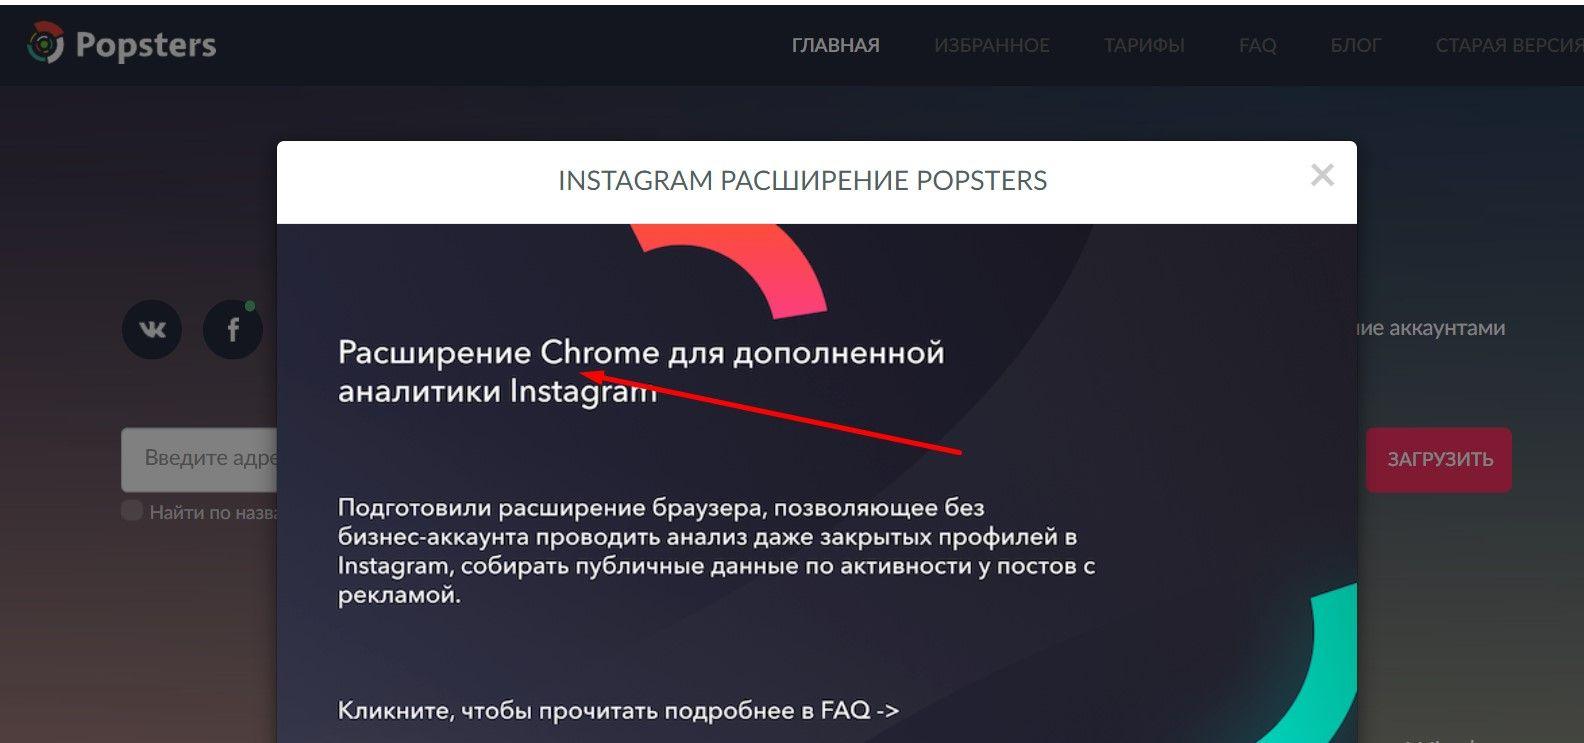 Расширение предназначено только для браузера Chrome